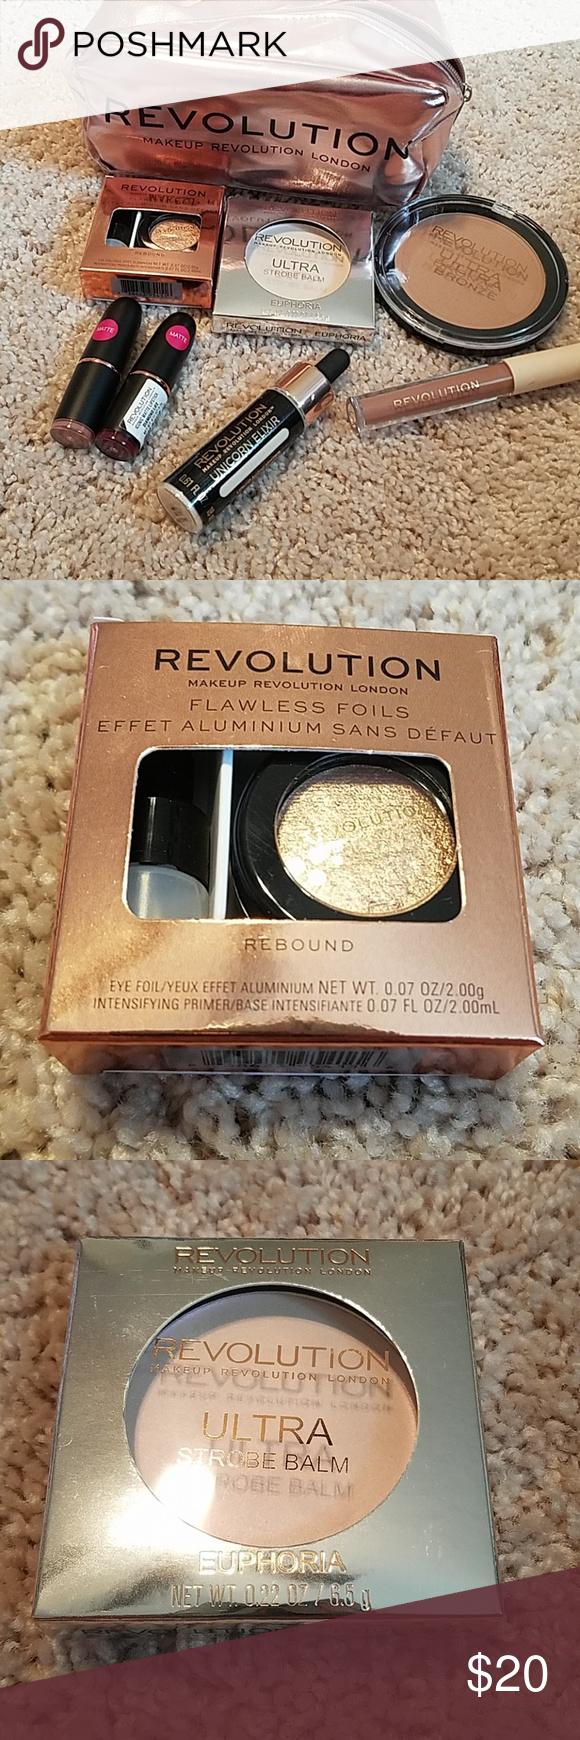 Makeup Revolution Bundle Makeup bag 8x4x4, Flawless foils